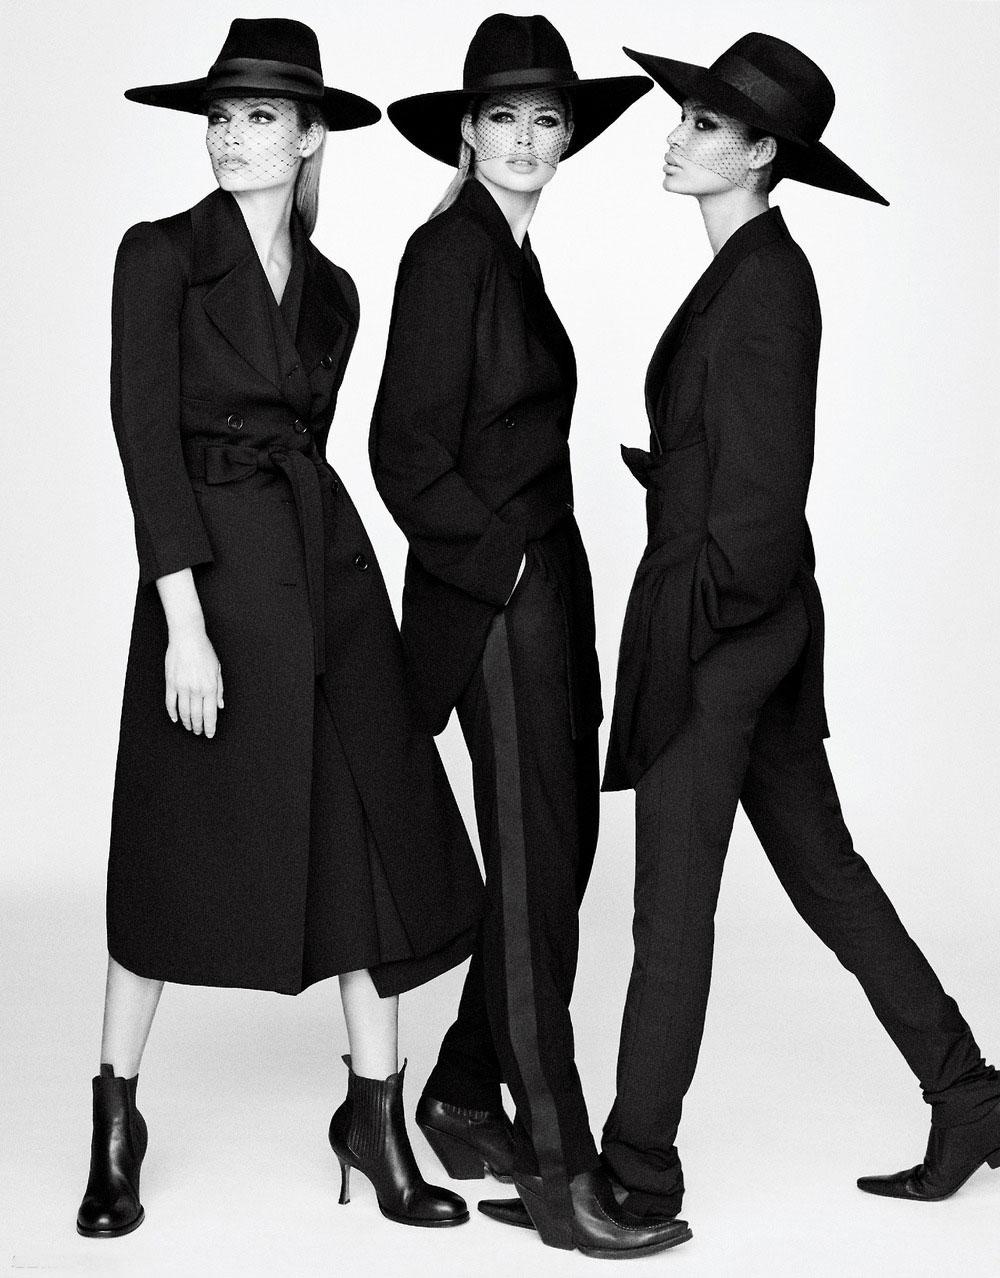 时尚摄影师组合Luigi & Iango的Vogue杂志作品 时尚图库 第5张